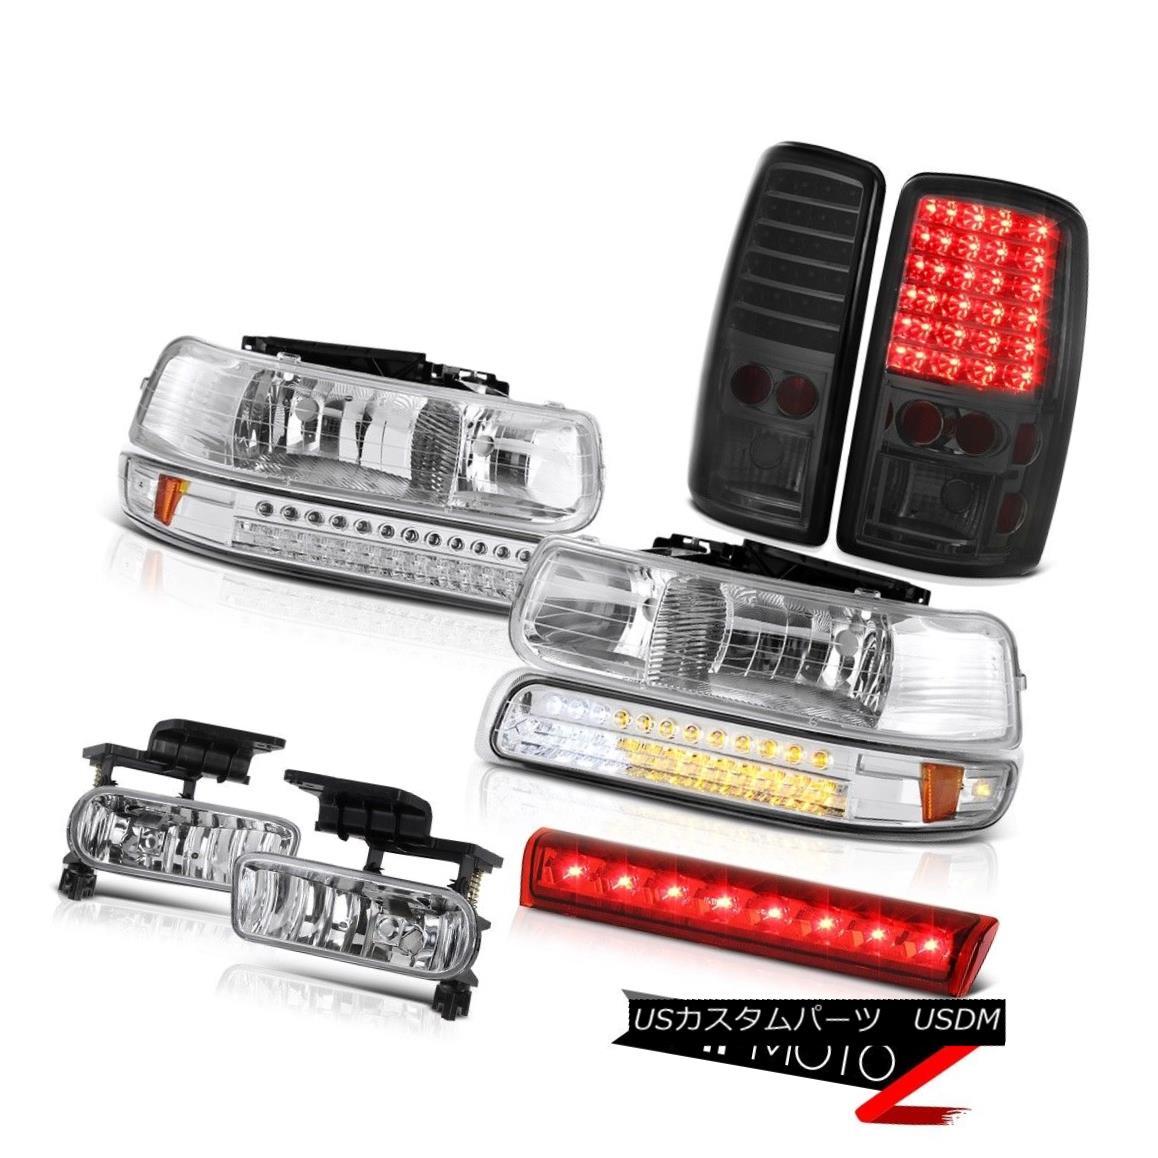 テールライト 2000-2006 Chevy Suburban 4X4 Third brake lamp fog lights taillights headlights 2000-2006シボレー郊外4X4第3ブレーキランプフォグライトテールライトヘッドライト